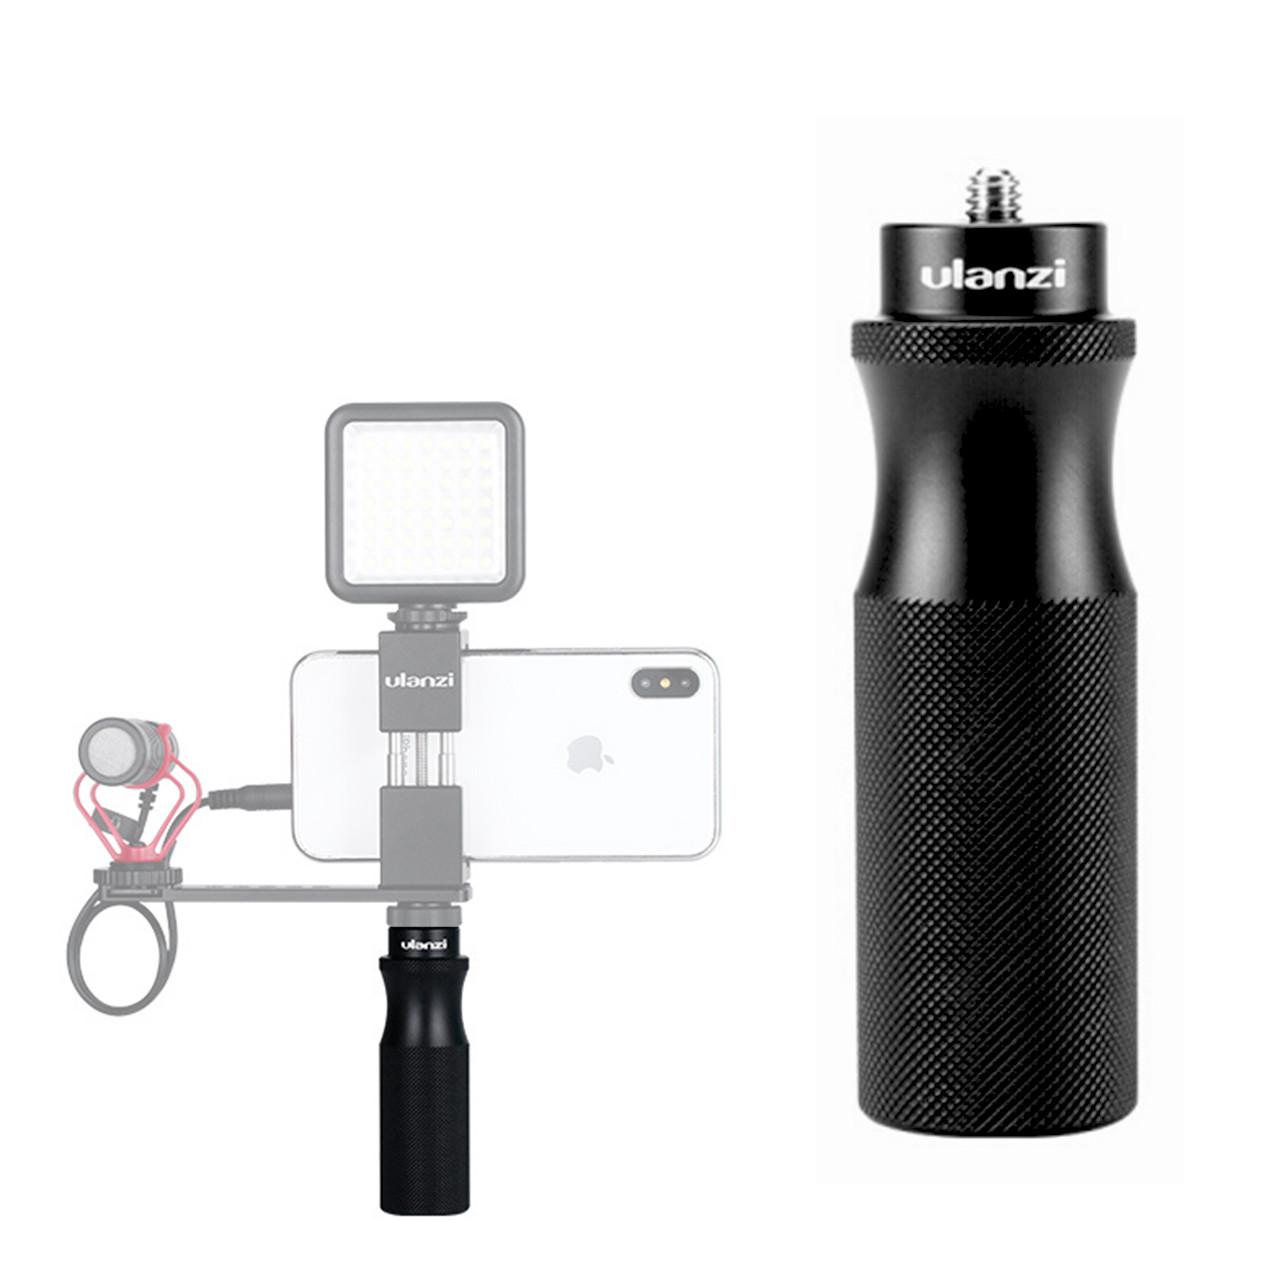 Универсальная ручка держатель Ulanzi U-40 металлическая с 1/4 дюймовым винтом для смартфона экшн камер